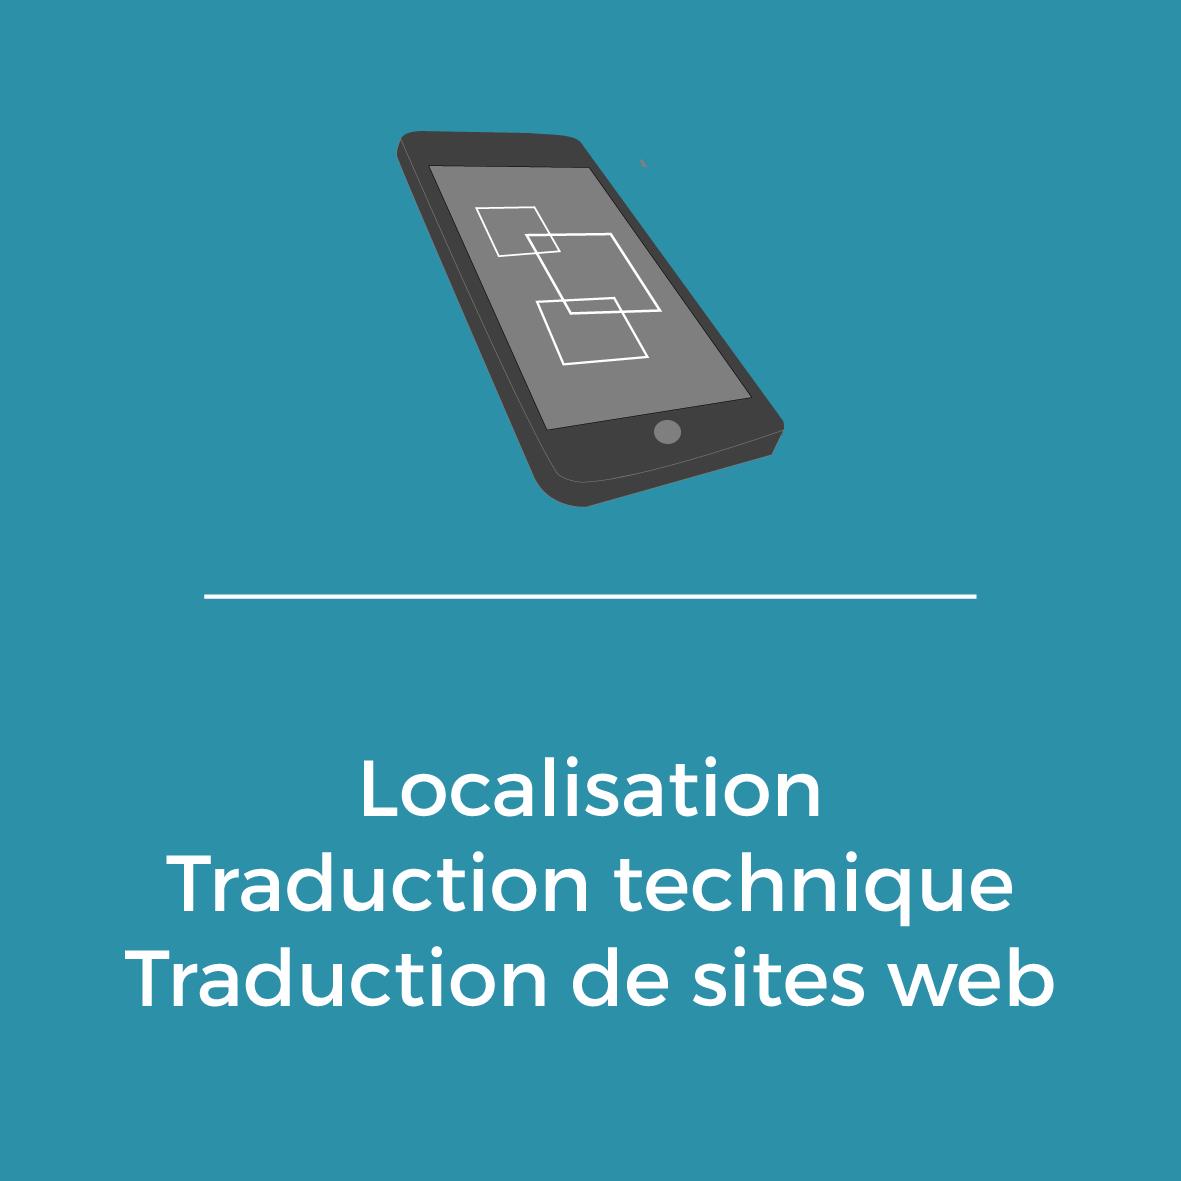 Services - Localisation - Taduction technique - Traduction de sites web